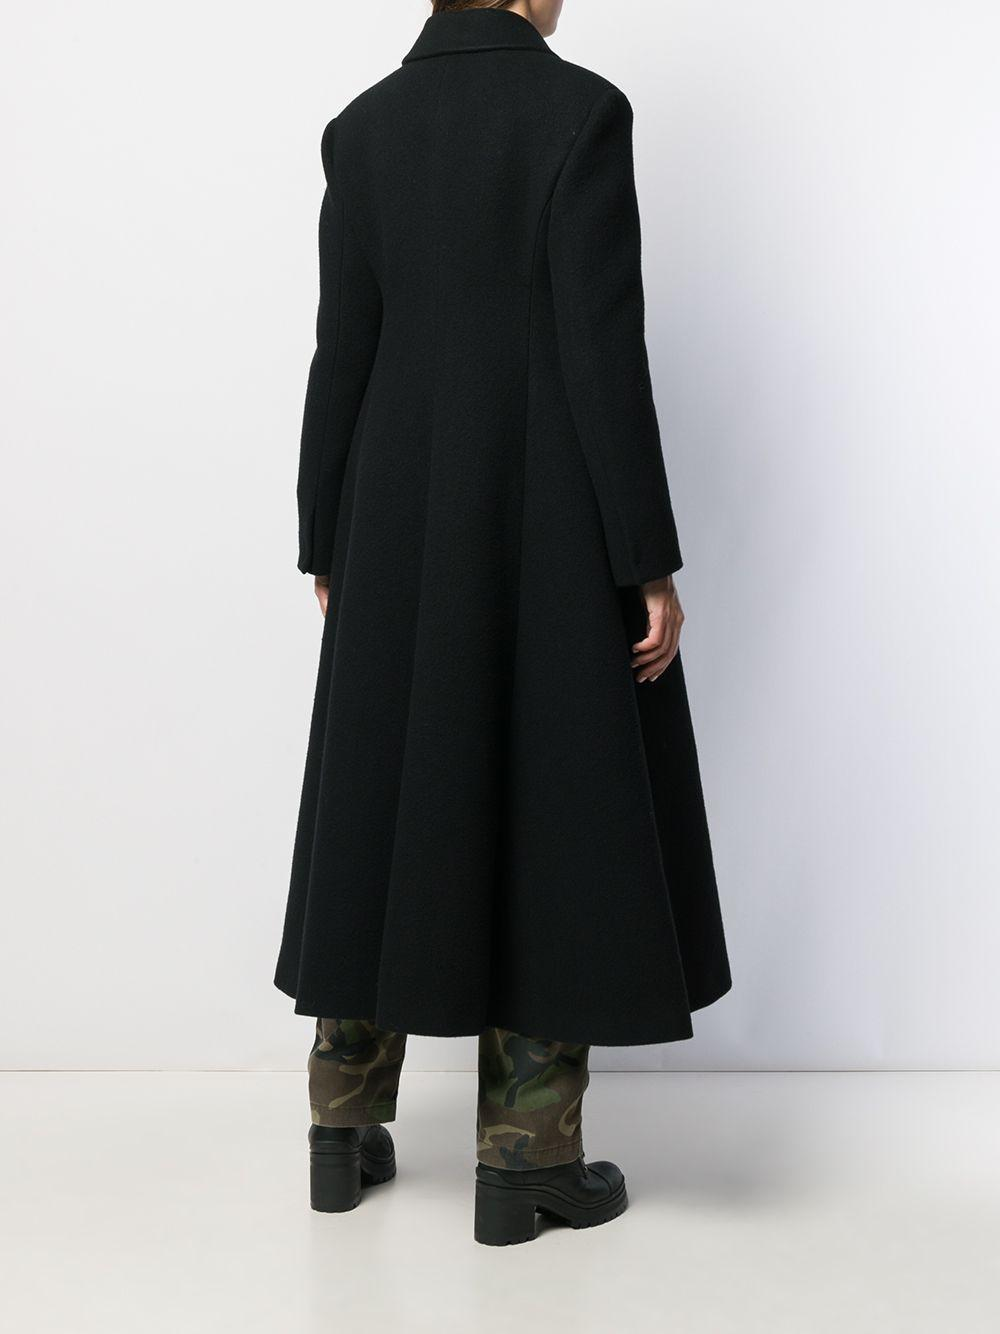 Abrigo acampanado ajustado Miu Miu de Lana de color Negro